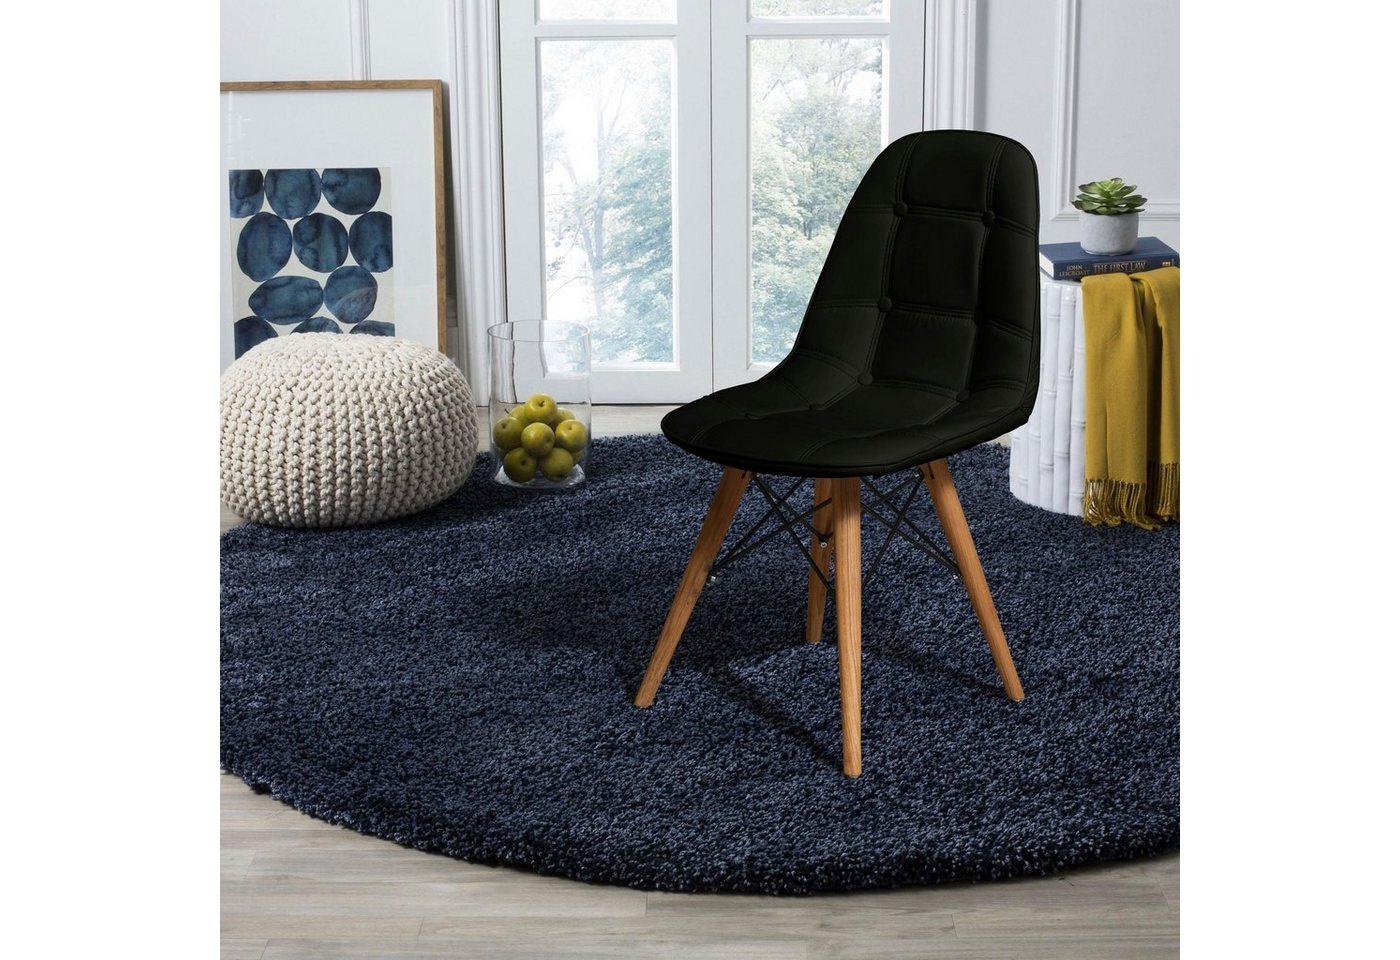 Home affaire 2er-Set Stuhl Scandi mit pflegeleichtem Kunstlederbezug und eleganter Knopfheftung im Sitzbereich schwarz | 05712763014983